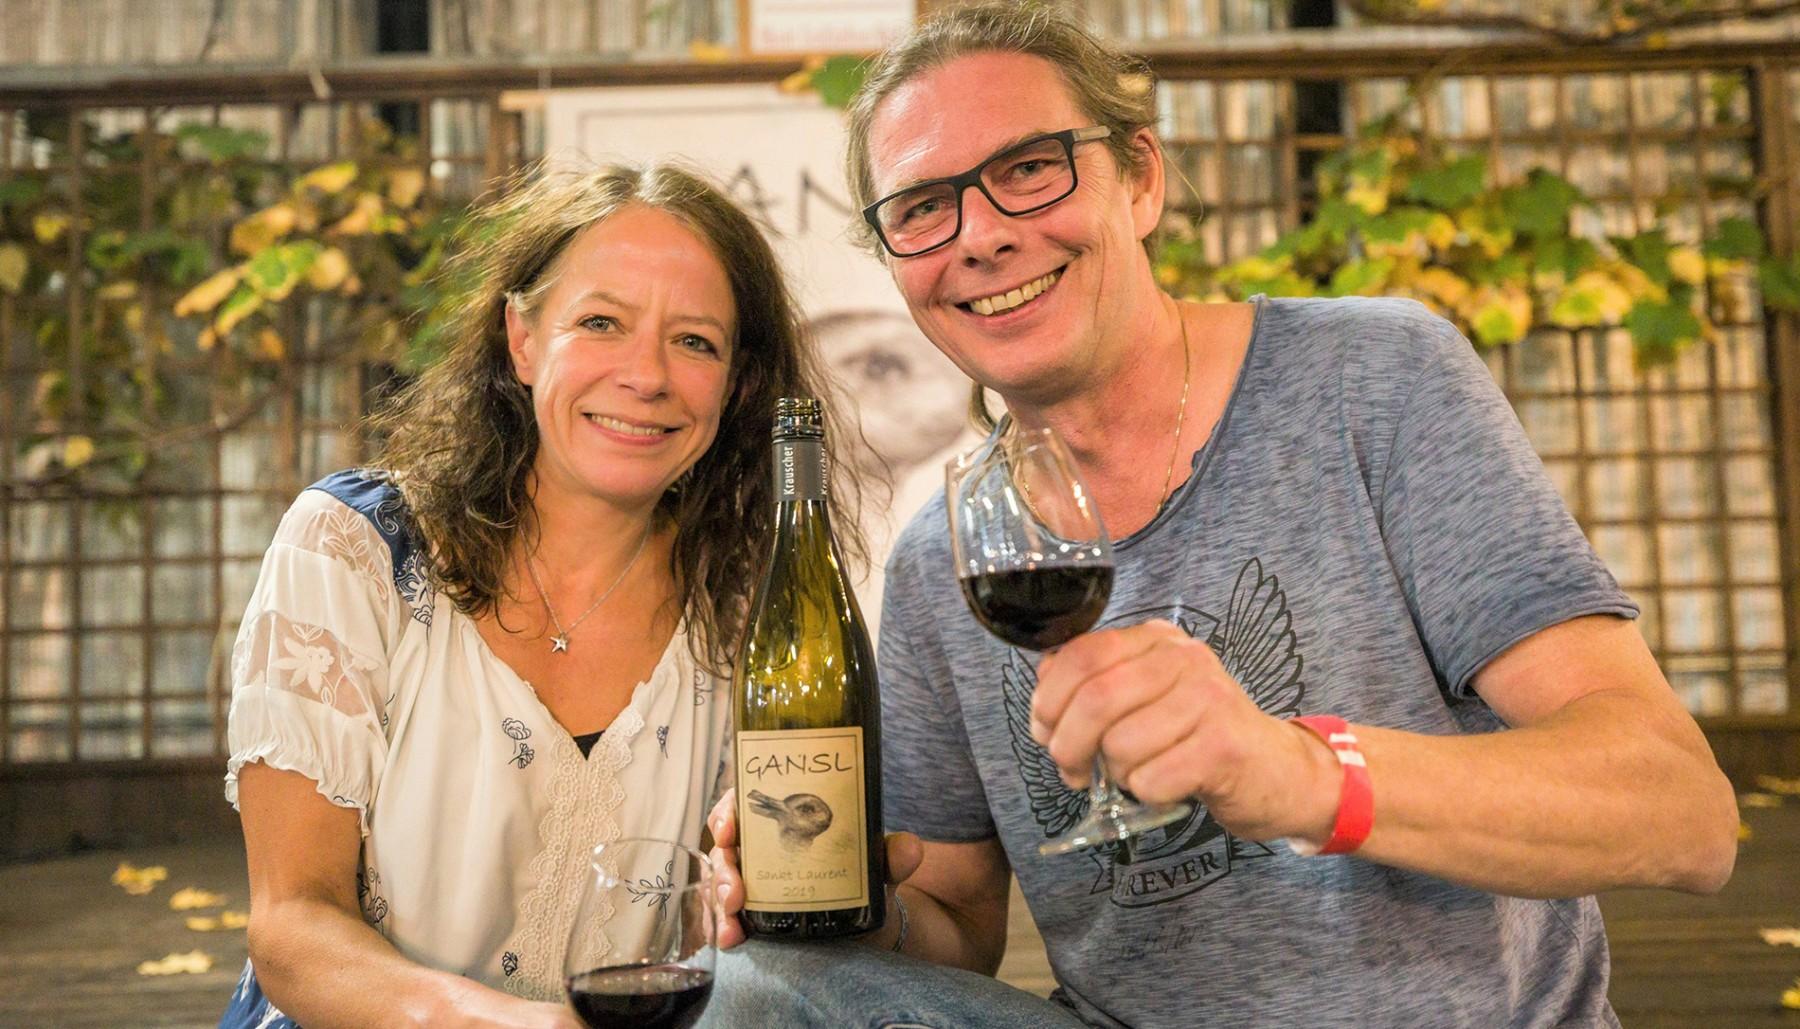 Weingut EHE Krauscher - •Kleines Familienweingut mit Weine die nicht jeder hat – Weiß-Rot-Süß- und Schwaumweine + Traubensaft •Wir veranstalten auch 2 x jährlich ein großes Weinfest mit regionalen Schmankerl-Partner & auch Werbemöglichkeiten für Firmen